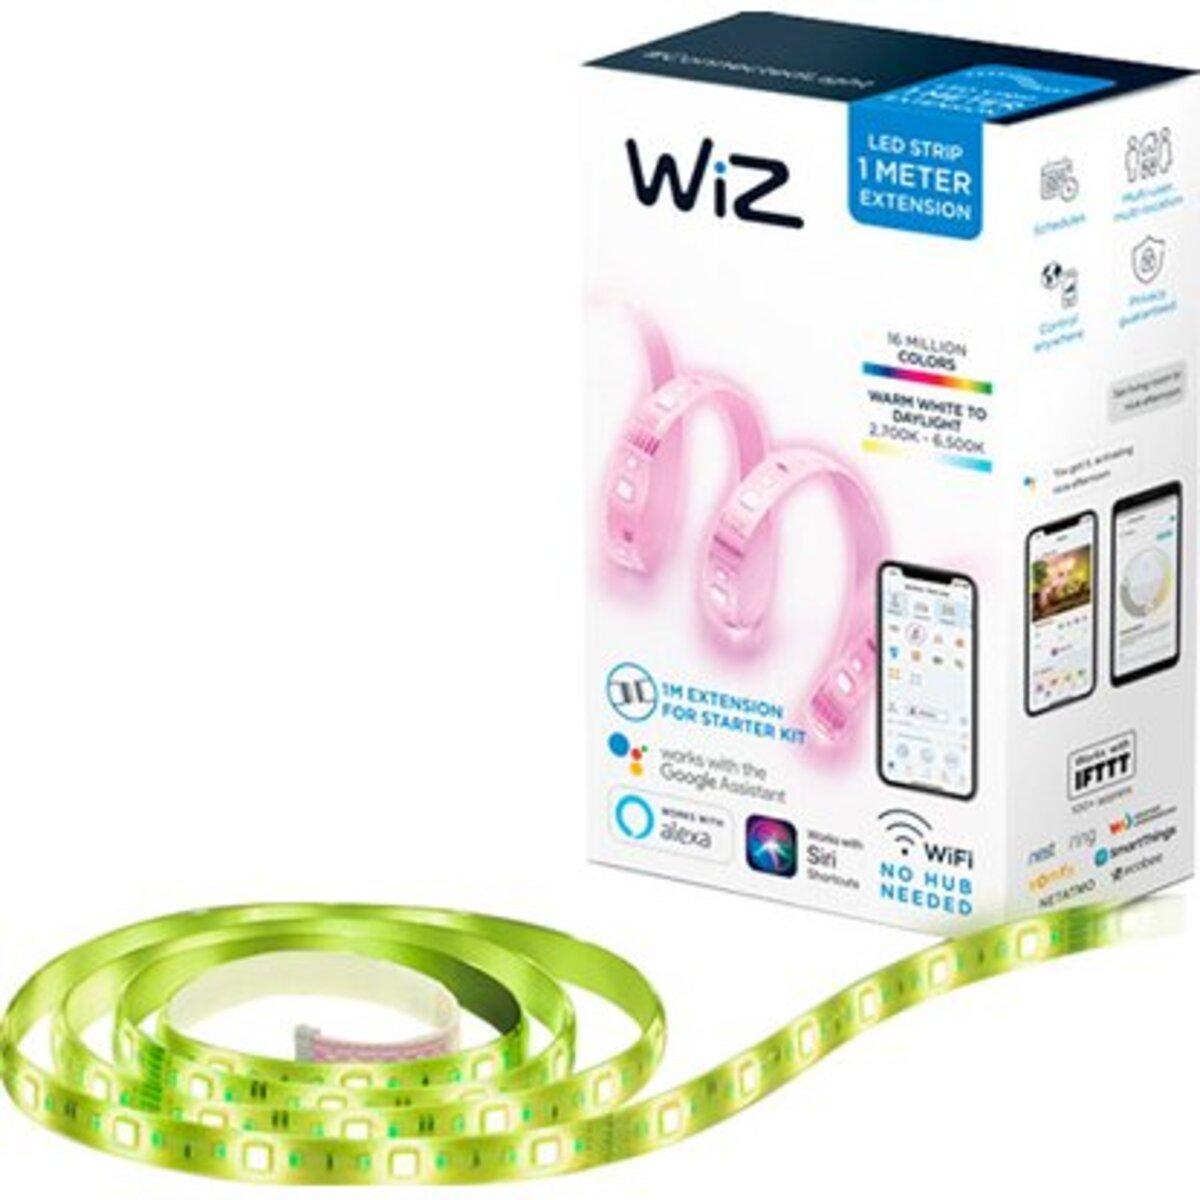 Bild 5 von WiZ Smart LED-Strip Wifi Verlängerung Licht- & Farbwechsel RGBW 13W 1 m